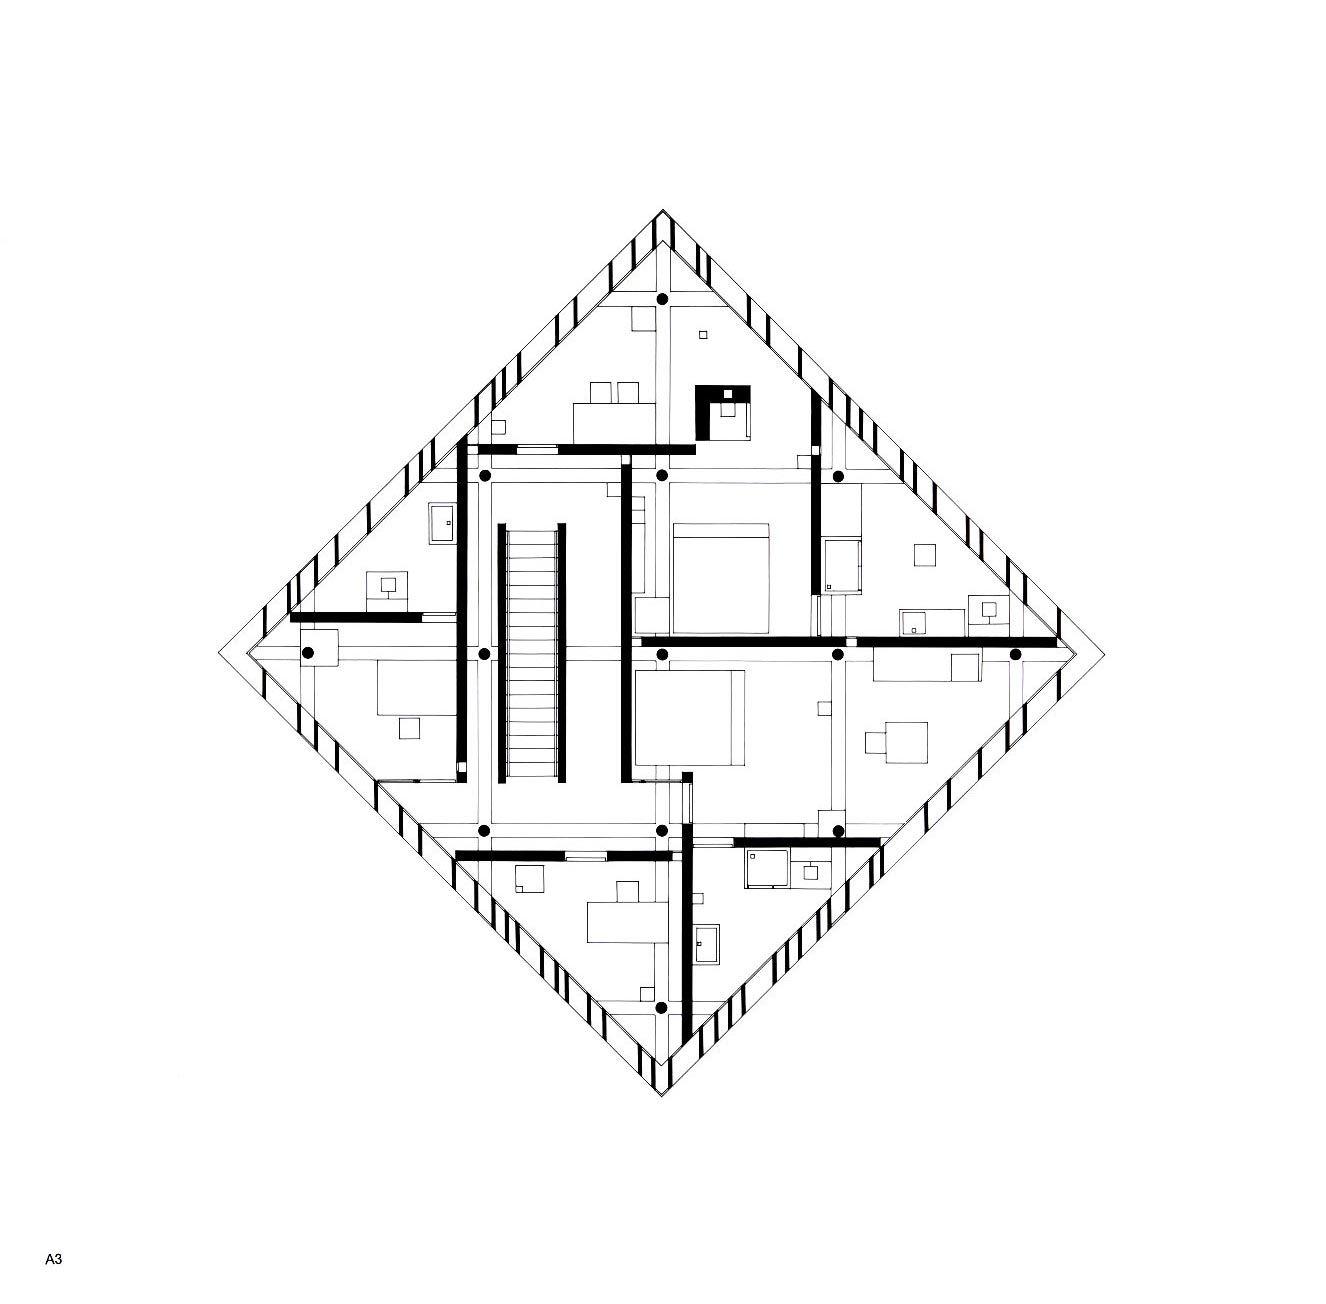 John Hejduk's Diamond House A (1963-1967)